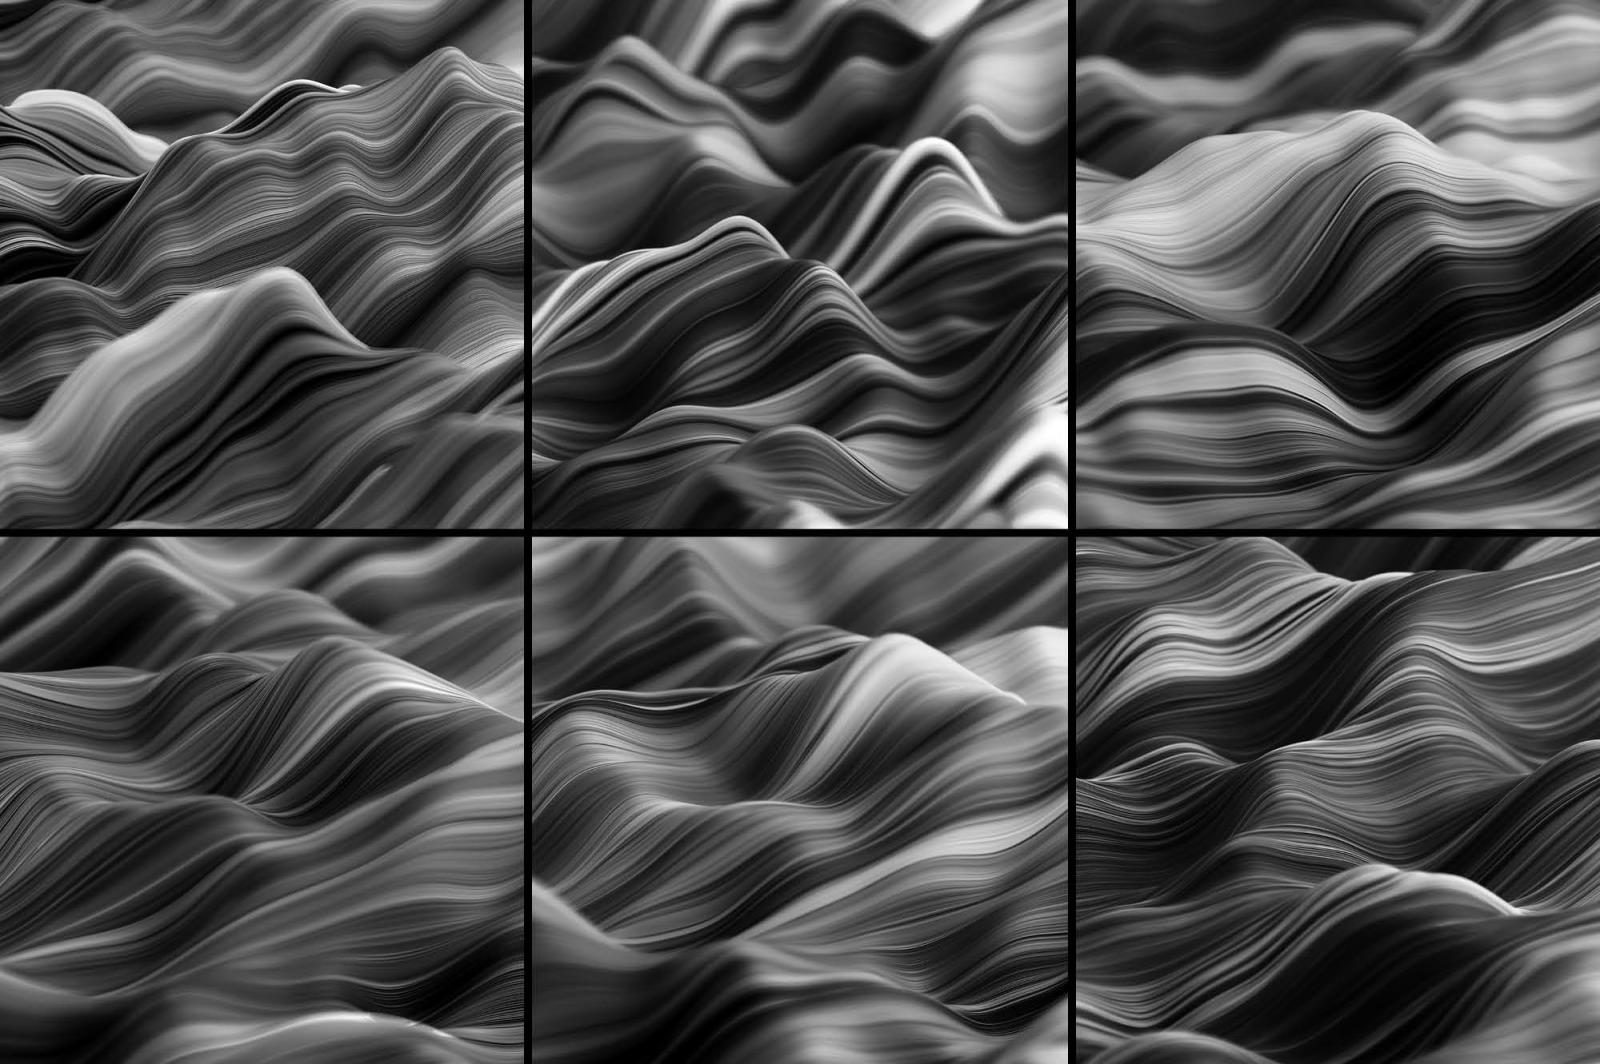 Ripple: Fluid Wavy 3D Lines